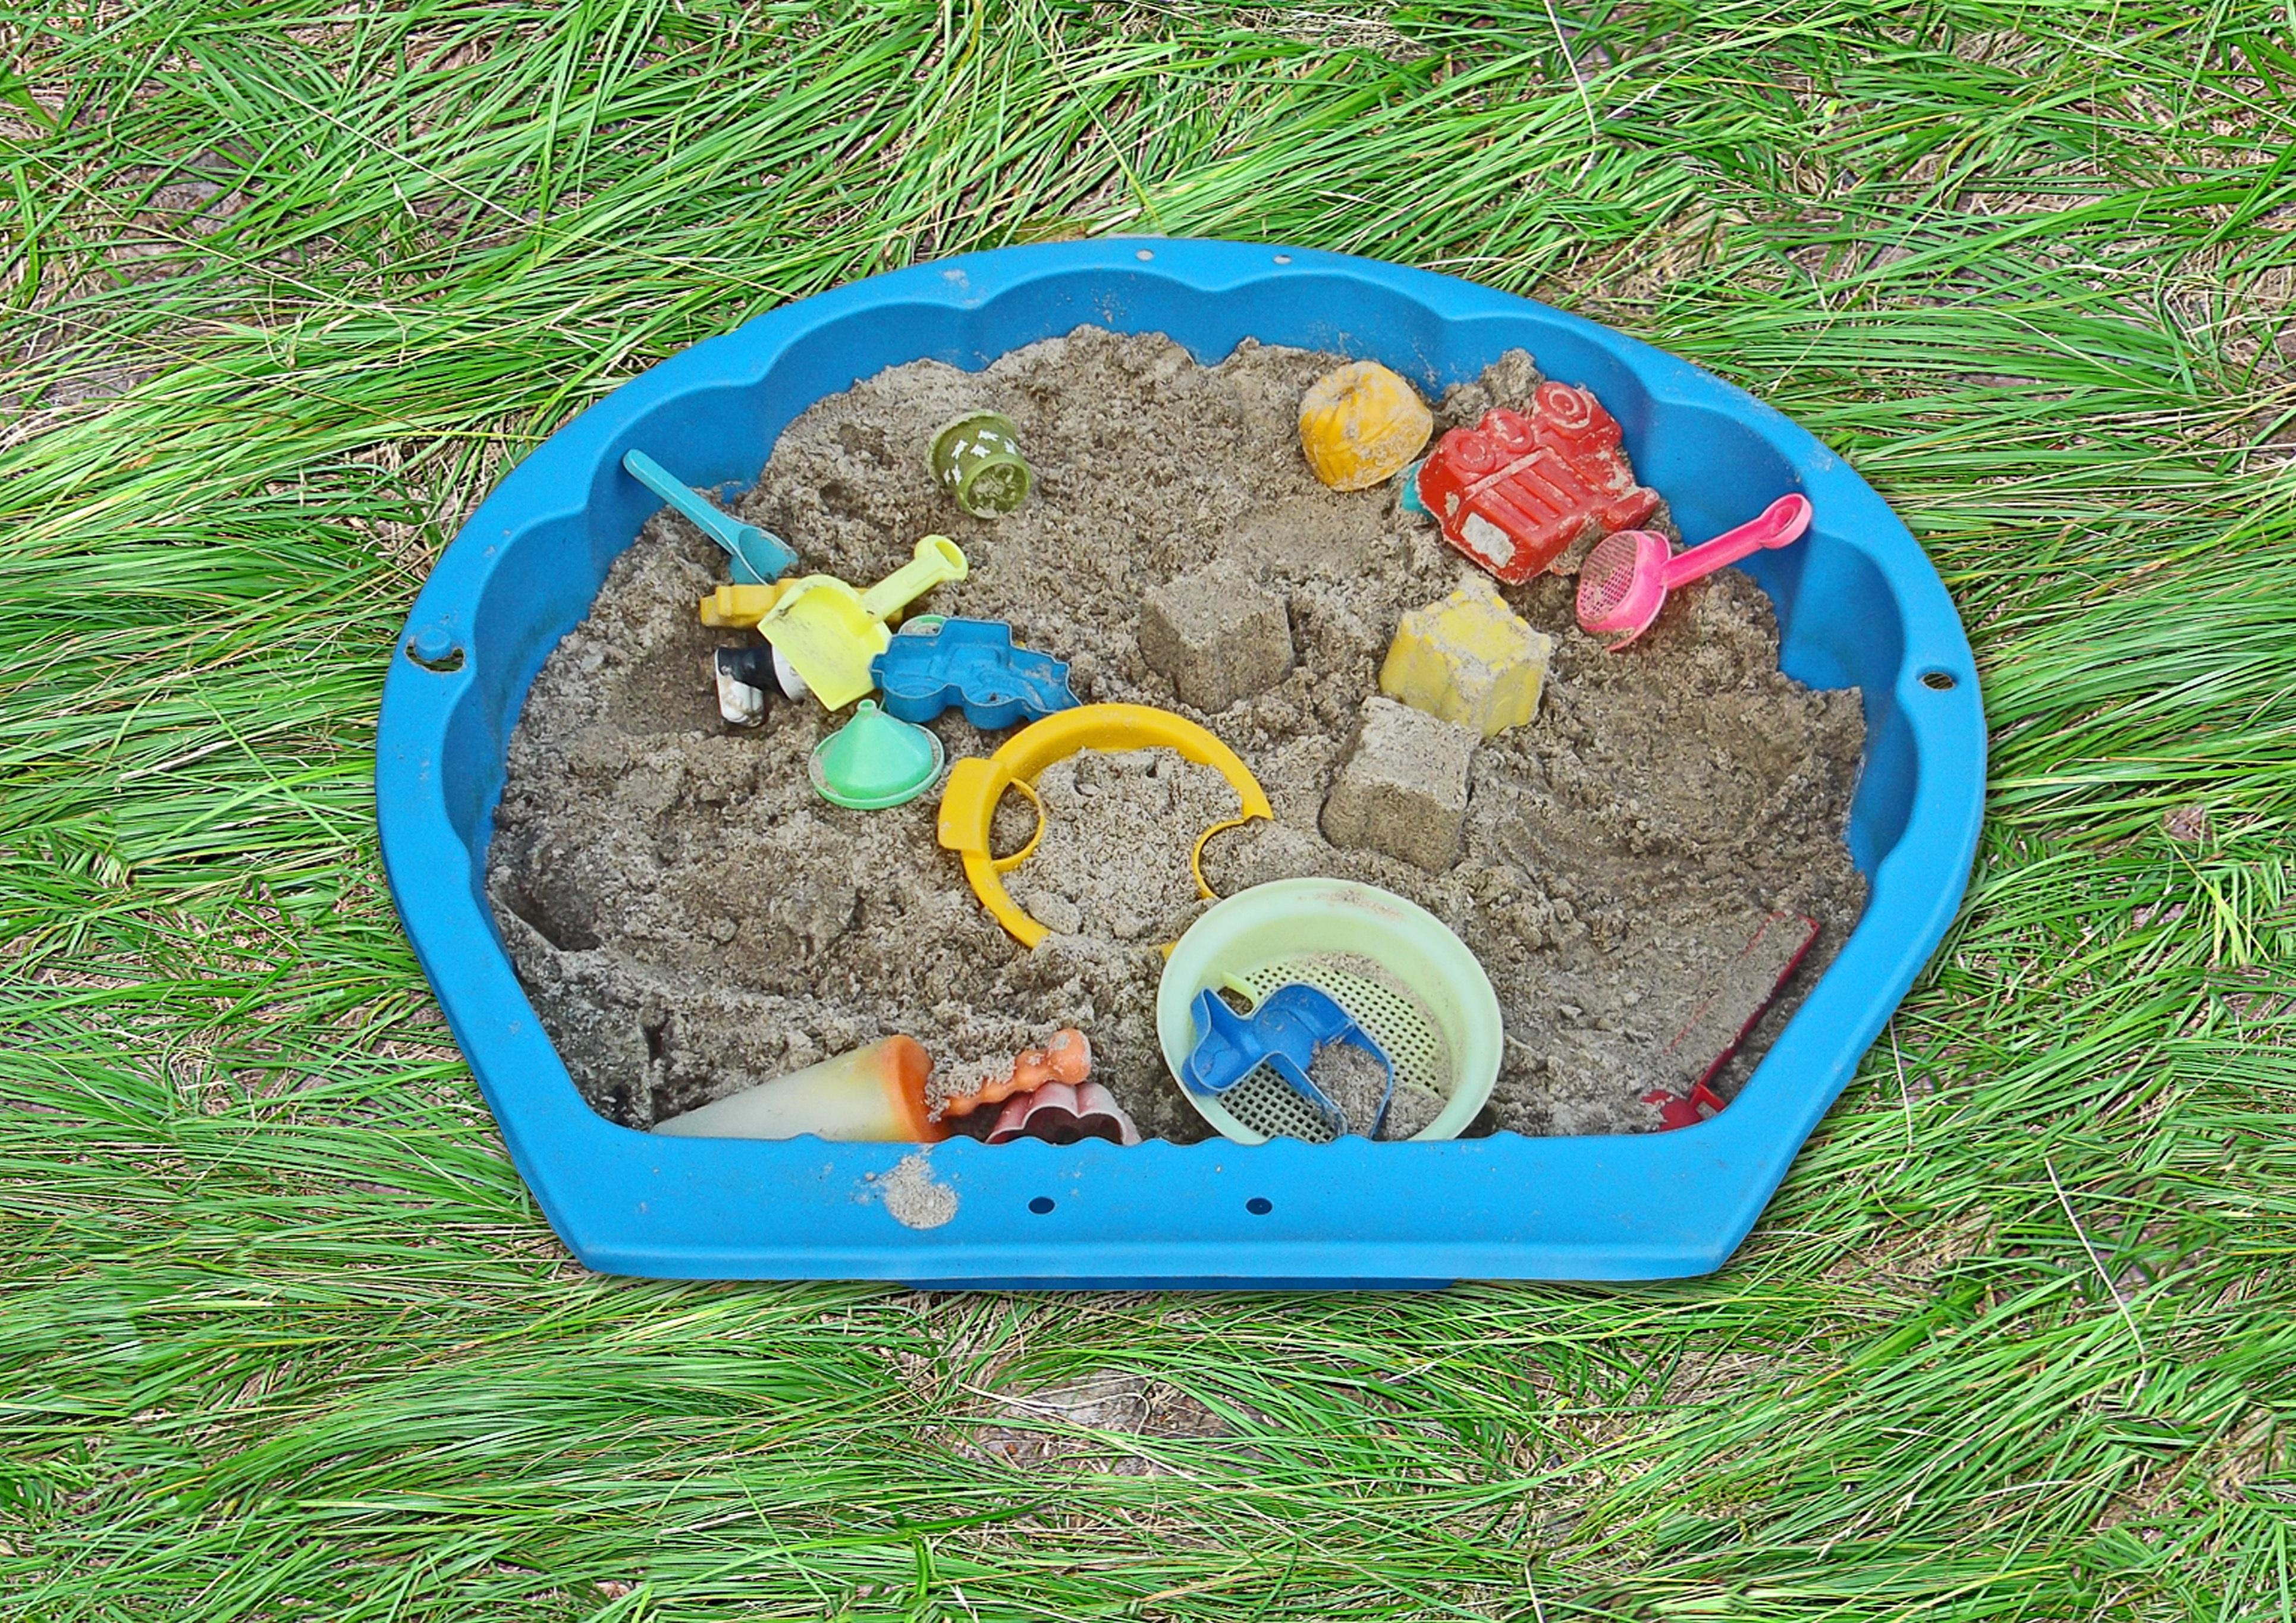 fotos gratis csped prado jugar el plastico estanque patio interior nio jardn cscara patio de recreo camada juguetes excavacin fuera